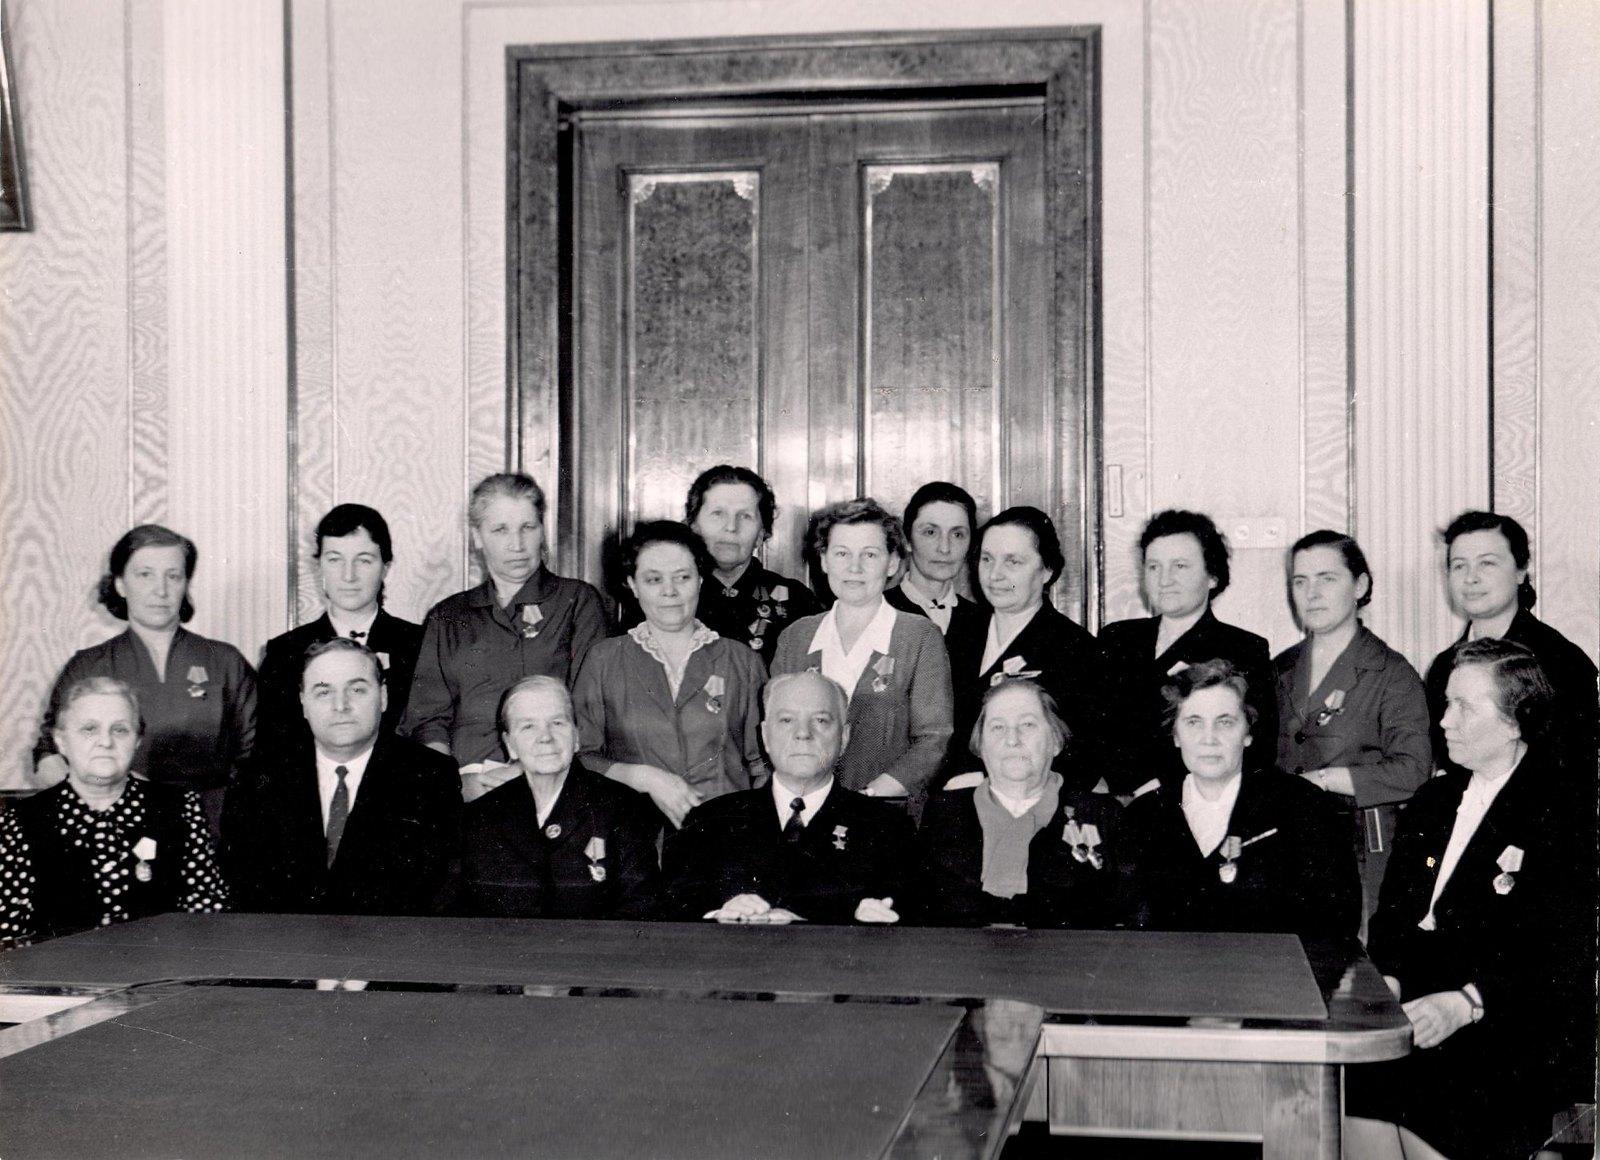 1960. Председатель Президиума Верховного Совета СССР К.Е. Ворошилов